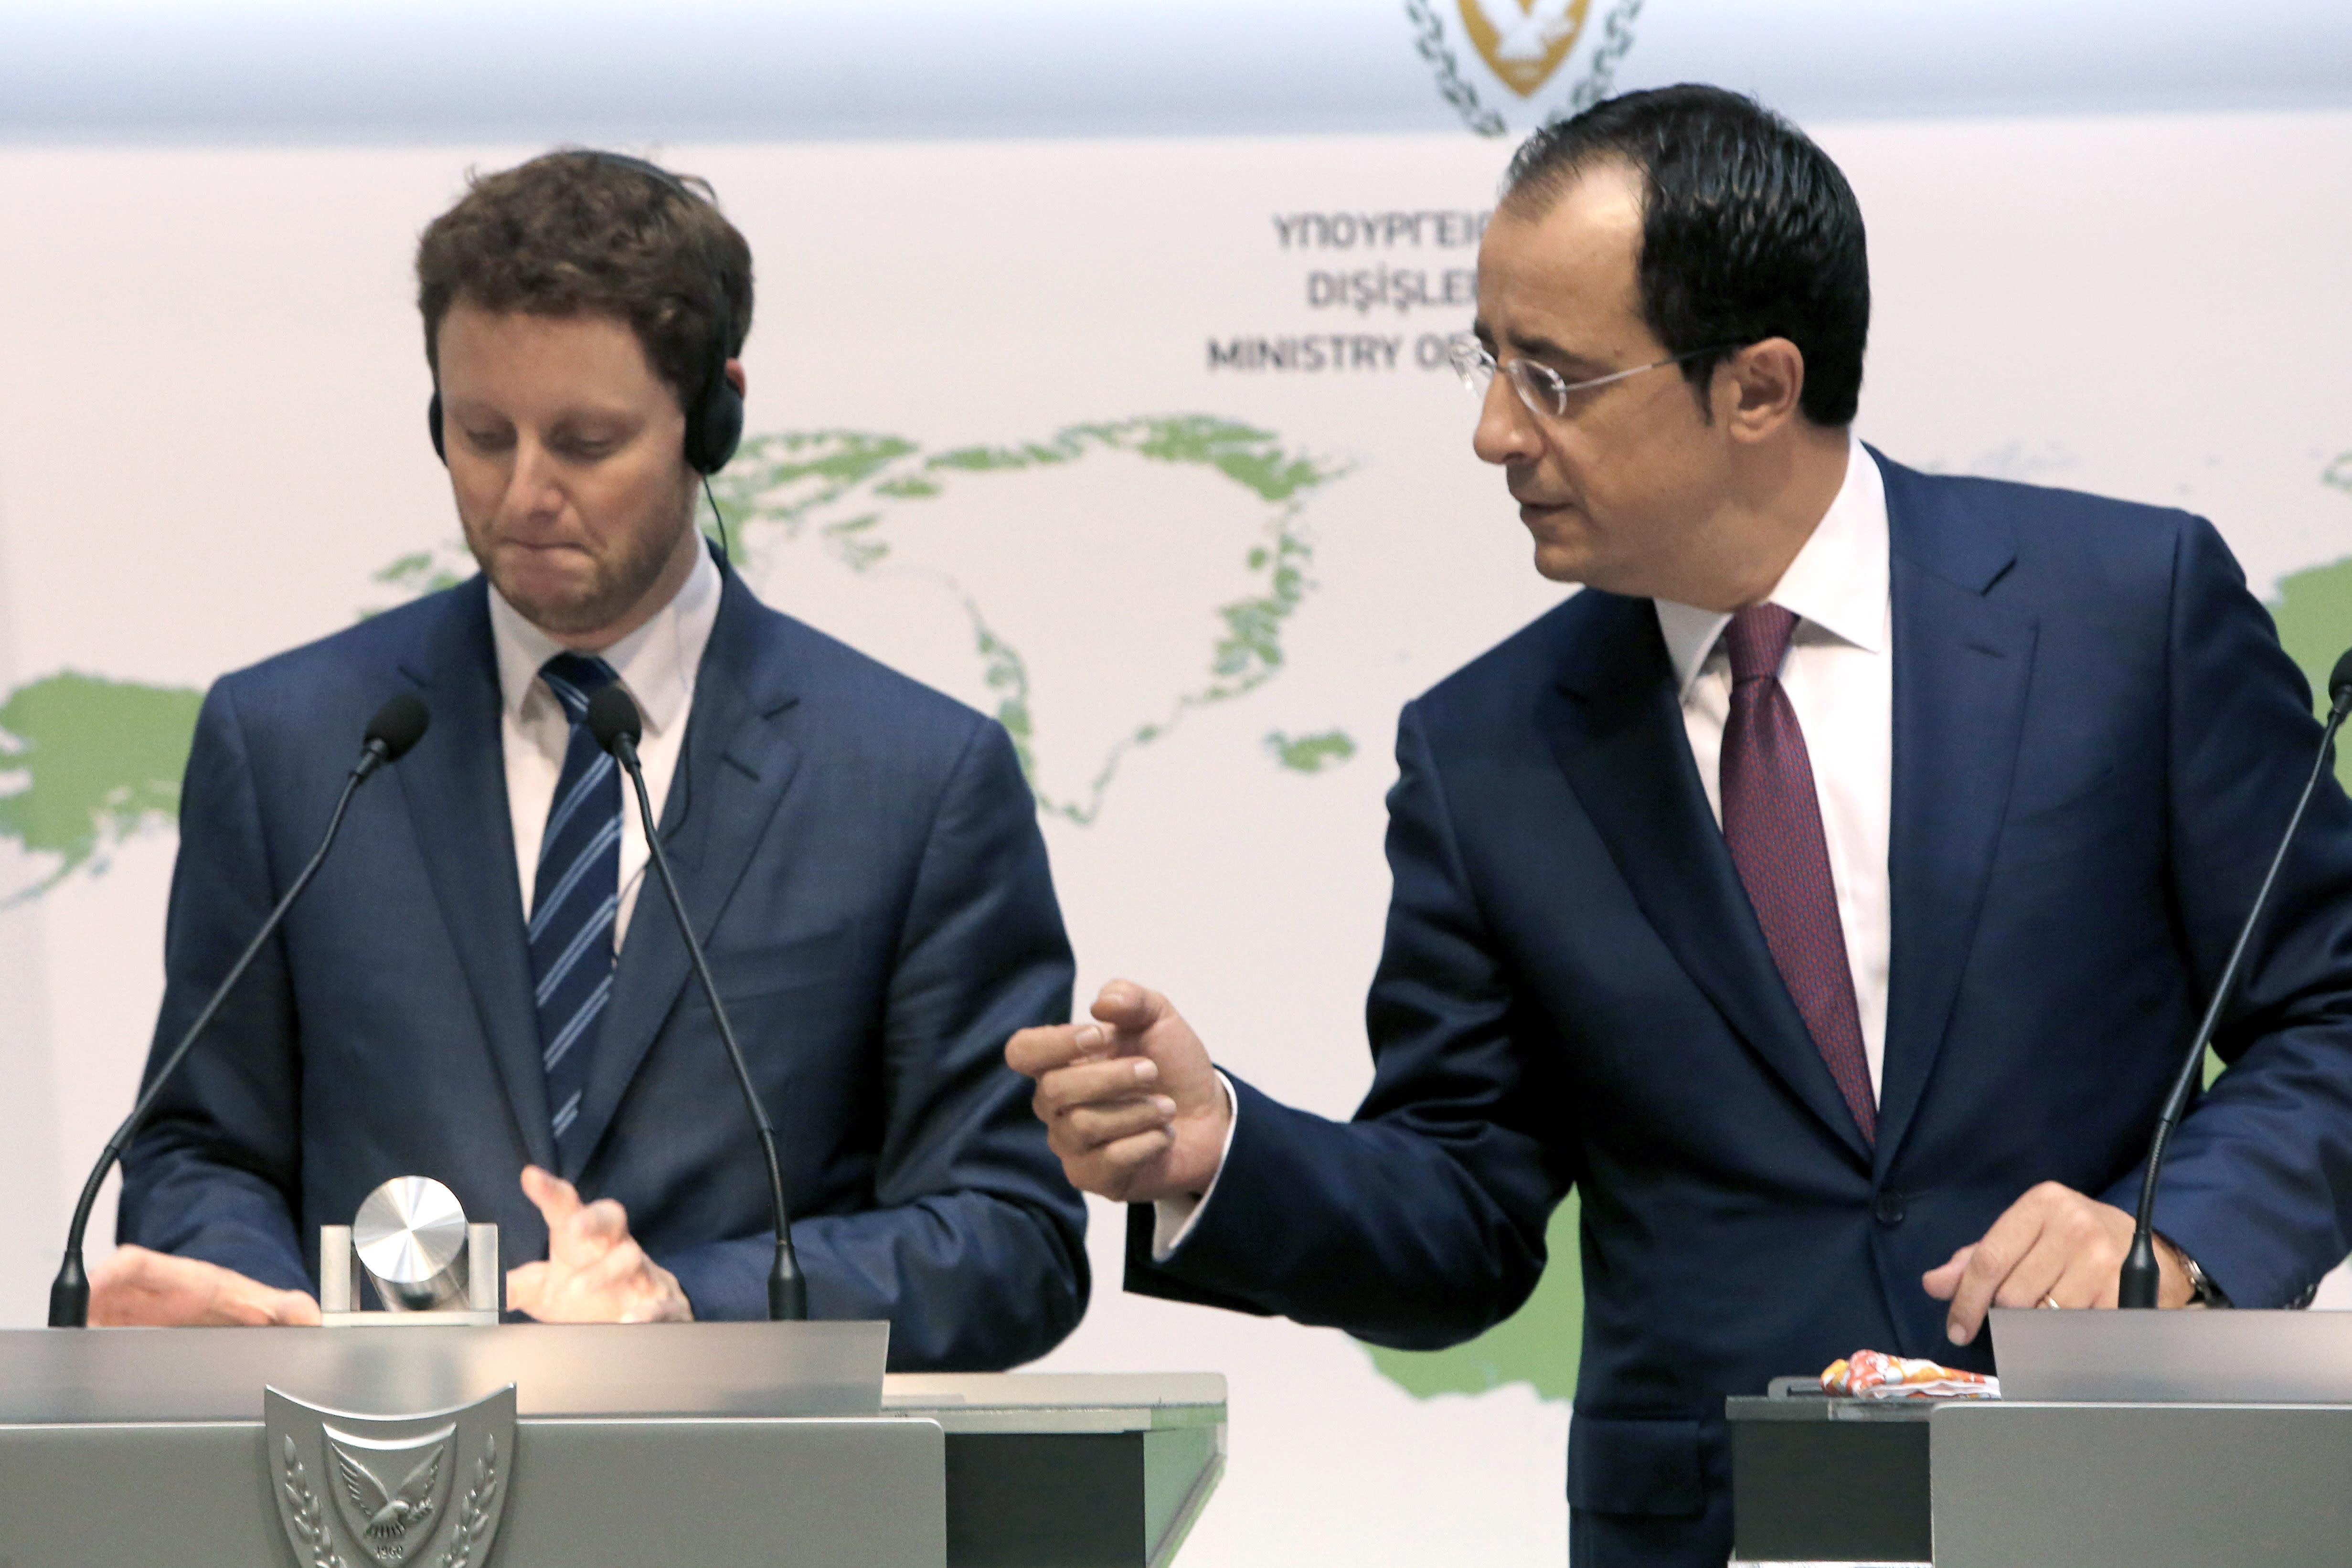 2020年9月18日,星期五,法国欧洲事务大臣克莱门特·博恩(Clement Beaune)和塞浦路斯外交大臣尼科斯·克里斯托杜利德斯(Nikos Christodoulides)参加了在首都尼科西亚的外交部大楼的新闻发布会。博恩说,欧盟应该考虑实施制裁。如果该国继续在希腊和塞浦路斯主张专有权的水域内进行碳氢化合物搜索,那么该国将对土耳其不利。 (美联社照片/ Petros Karadjias)